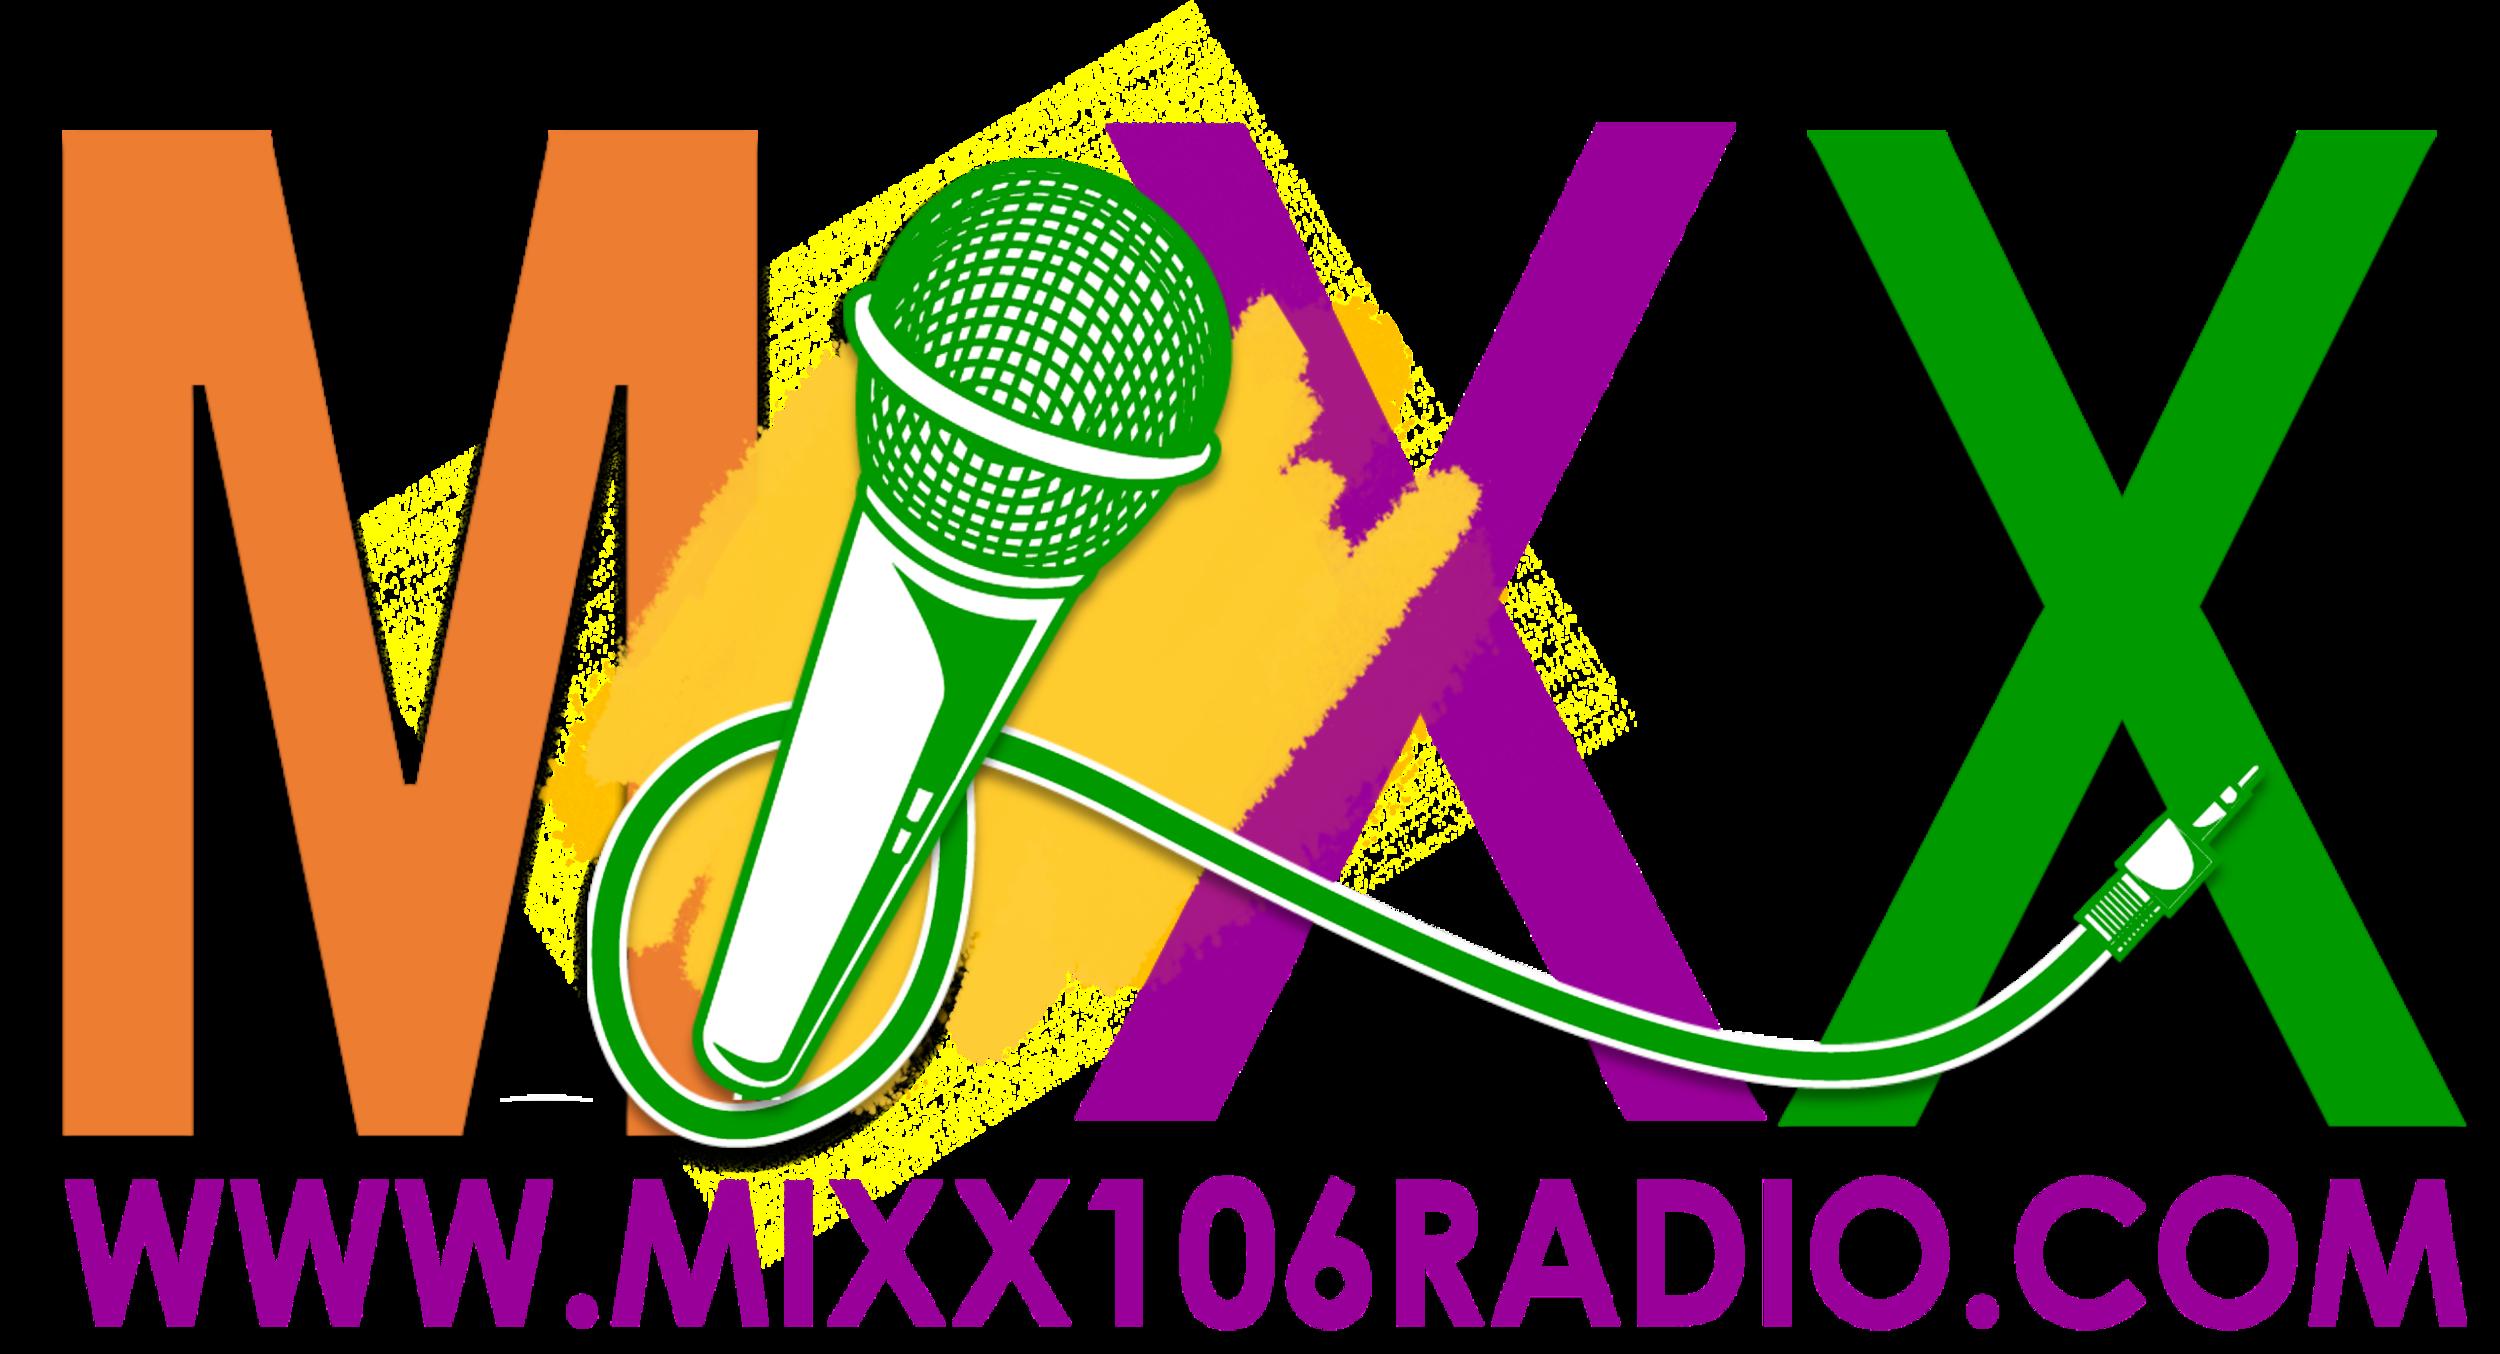 MIXX106